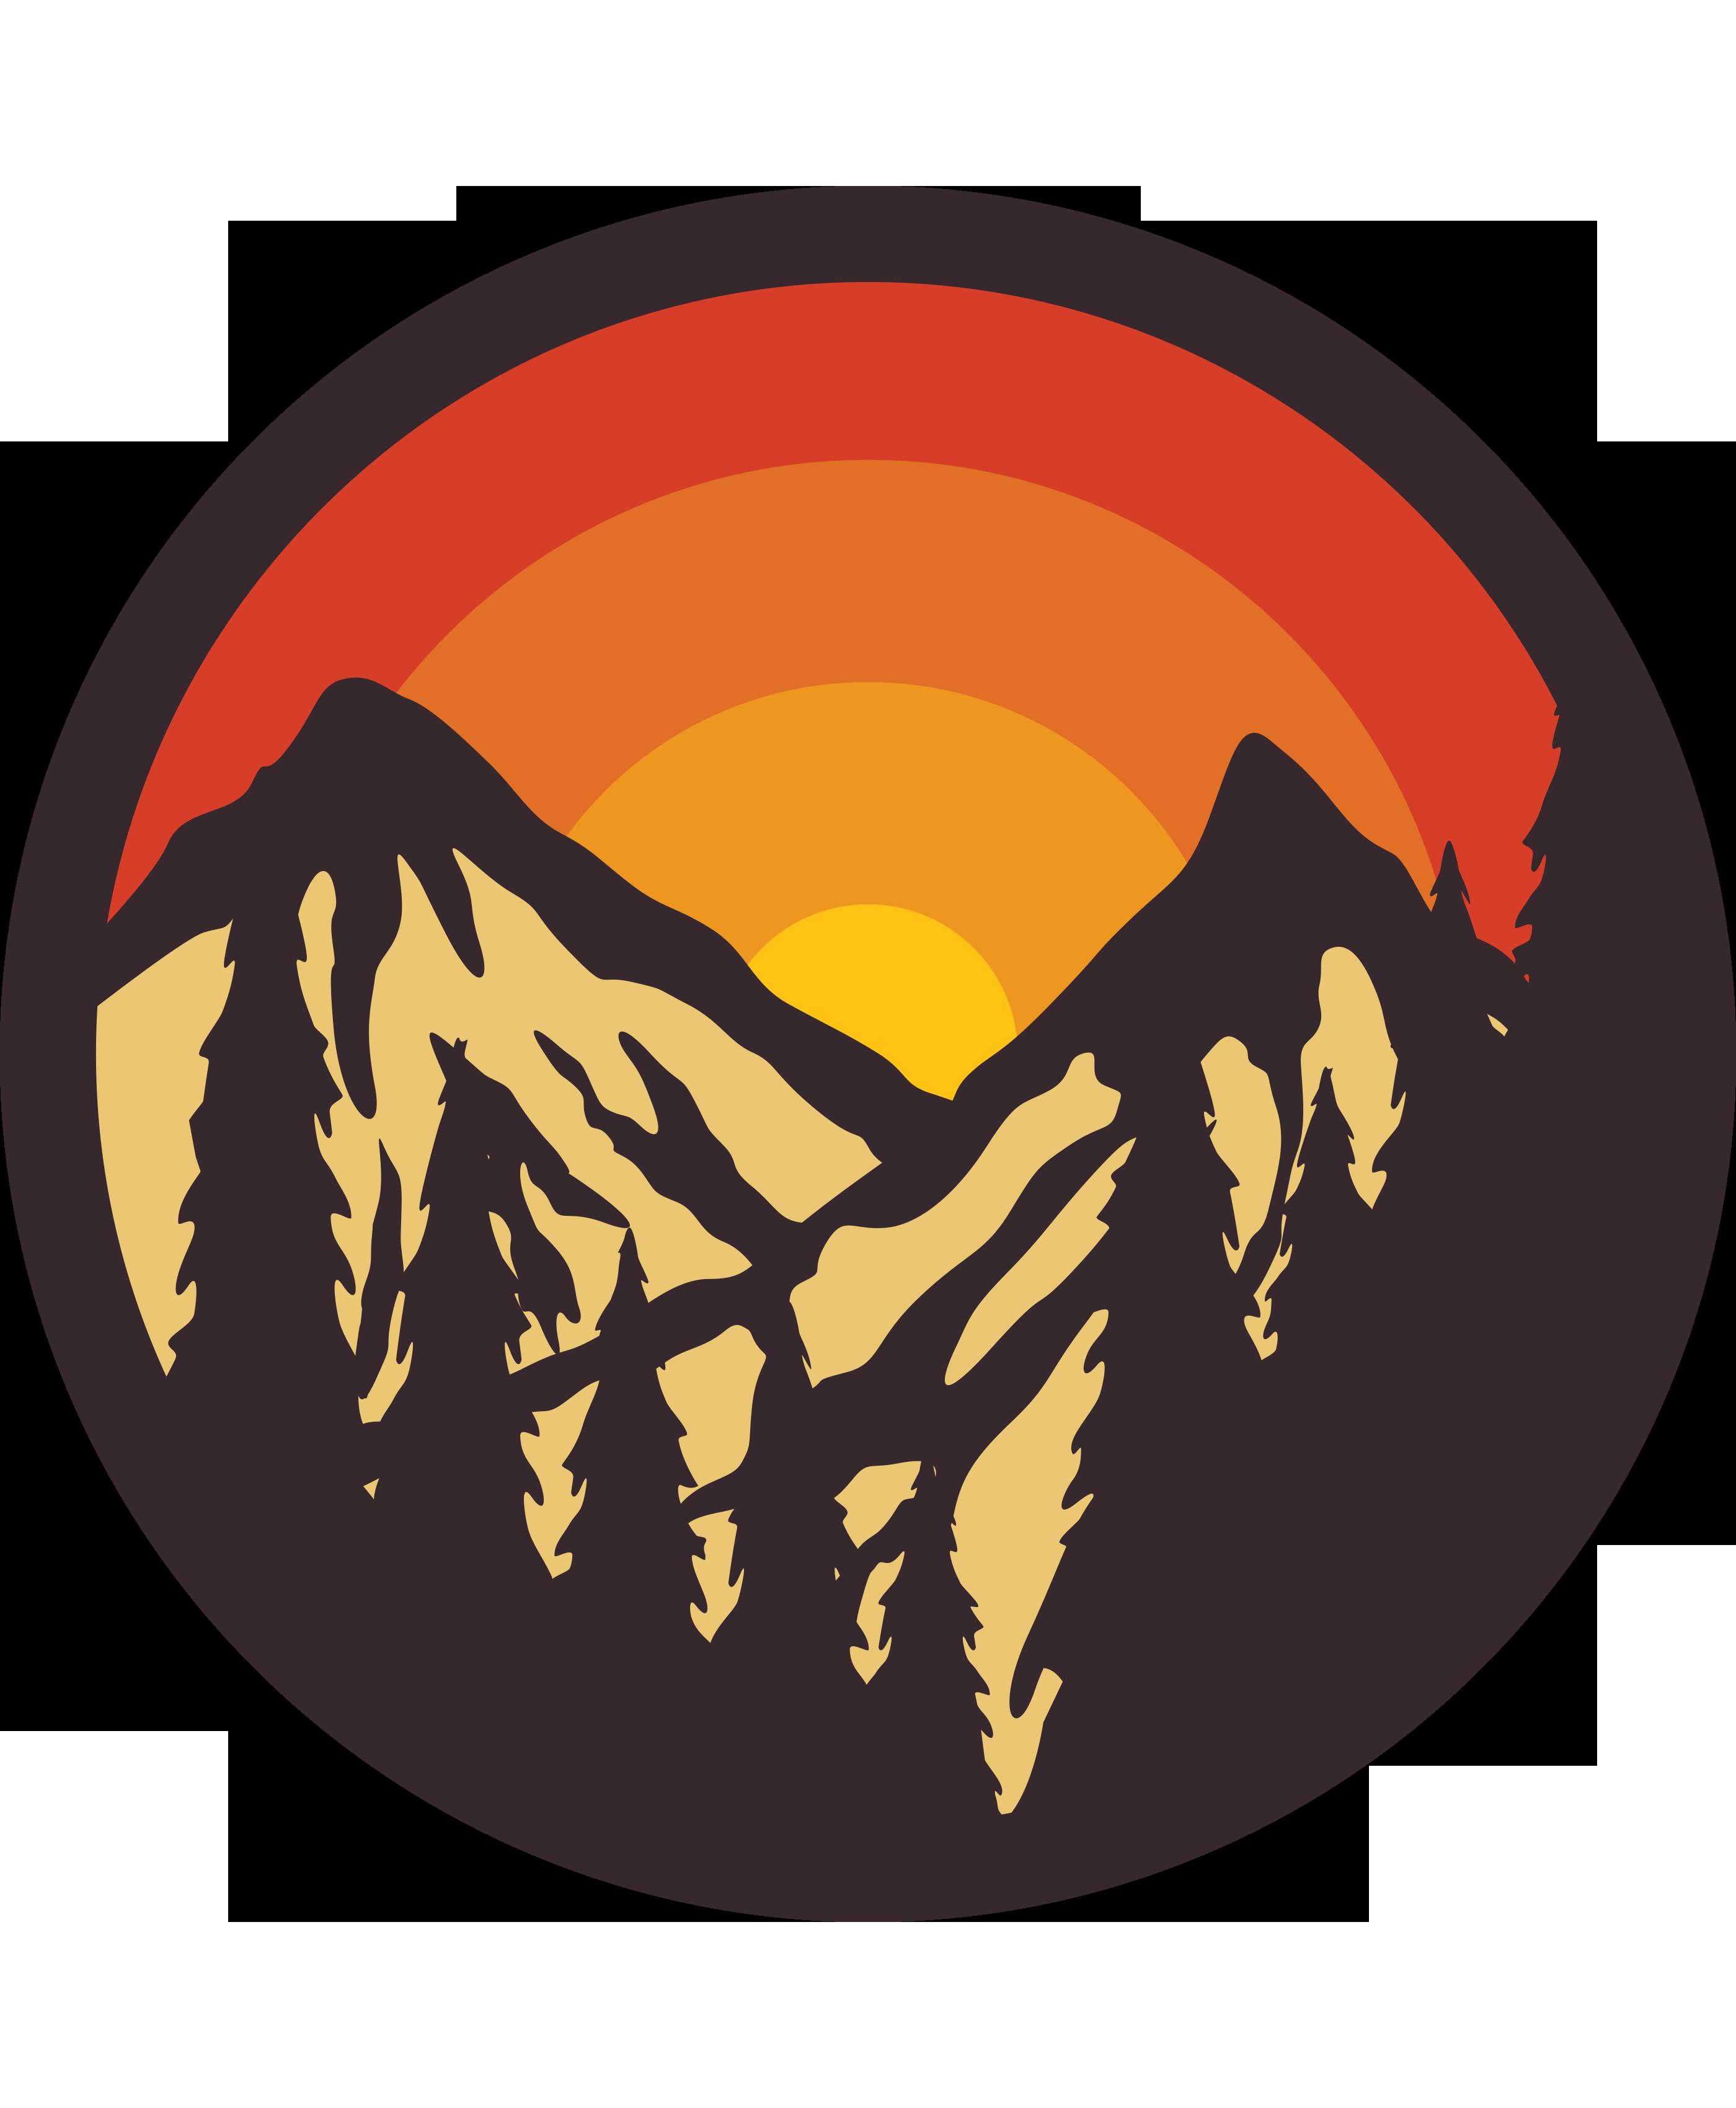 جبل Png